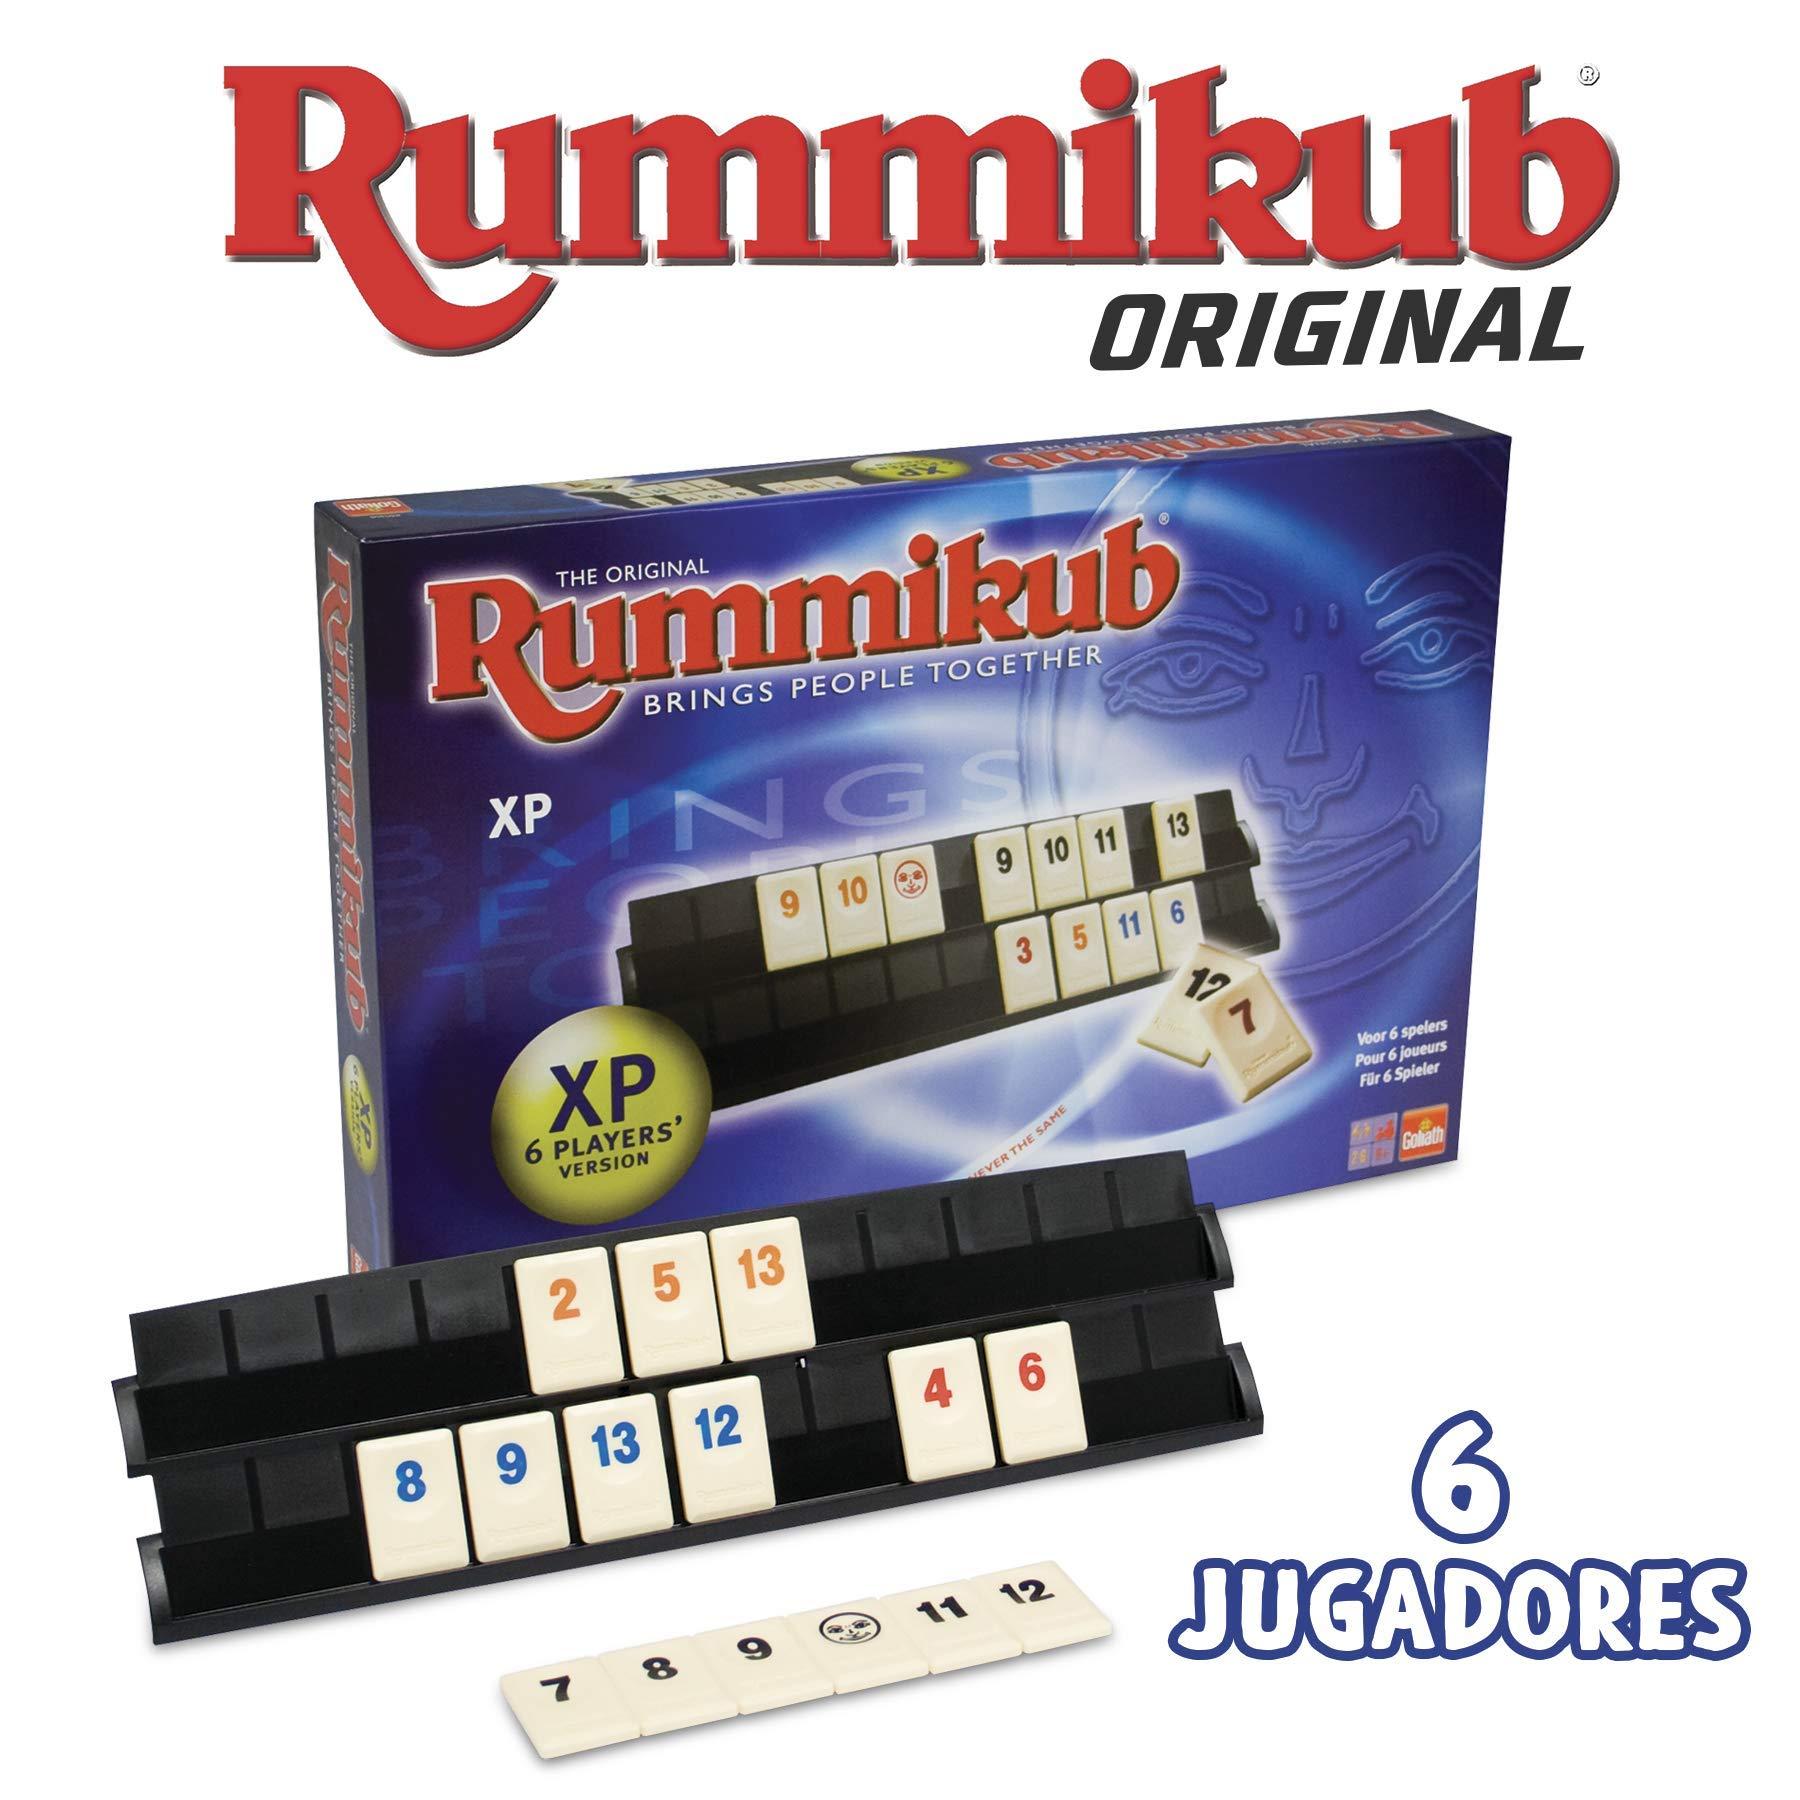 Goliath- Rummikub 6 Jugadores (328009): Amazon.es: Juguetes y juegos